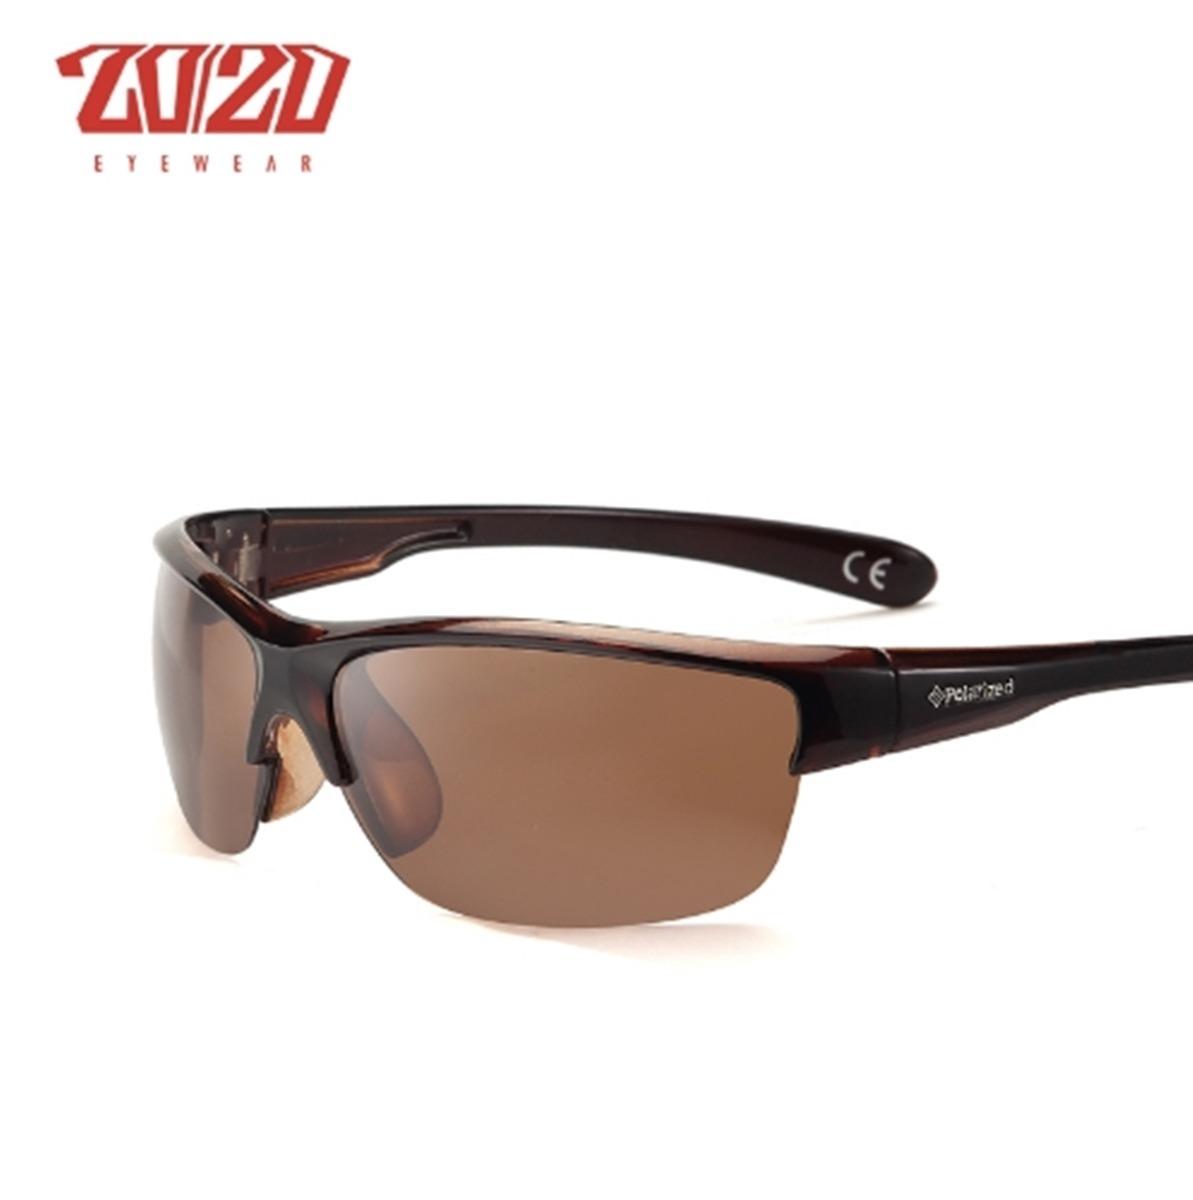 d06ca19be225f óculos sol masculino polarizado uv400 20 20 pl289 barato. Carregando zoom.